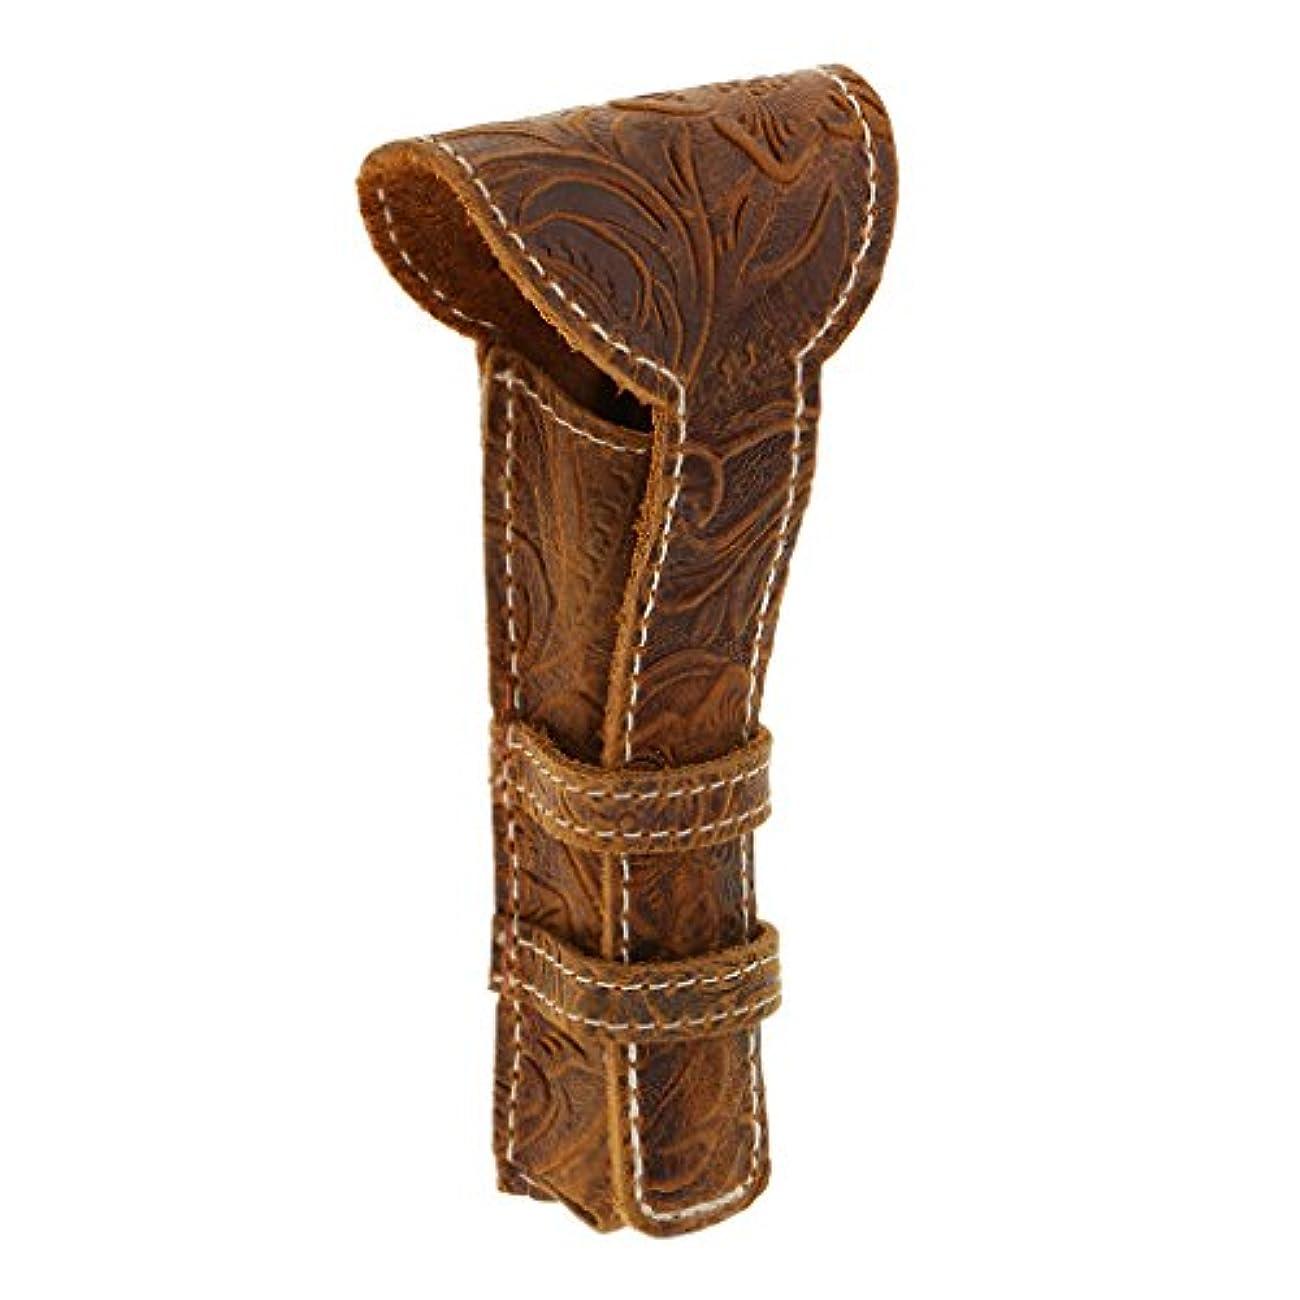 杖衰えるバーストLovoski カミソリケース 剃刀ケース ブラウン 高品質 レザー製 レトロ カミソリ カミソリ収納ケース